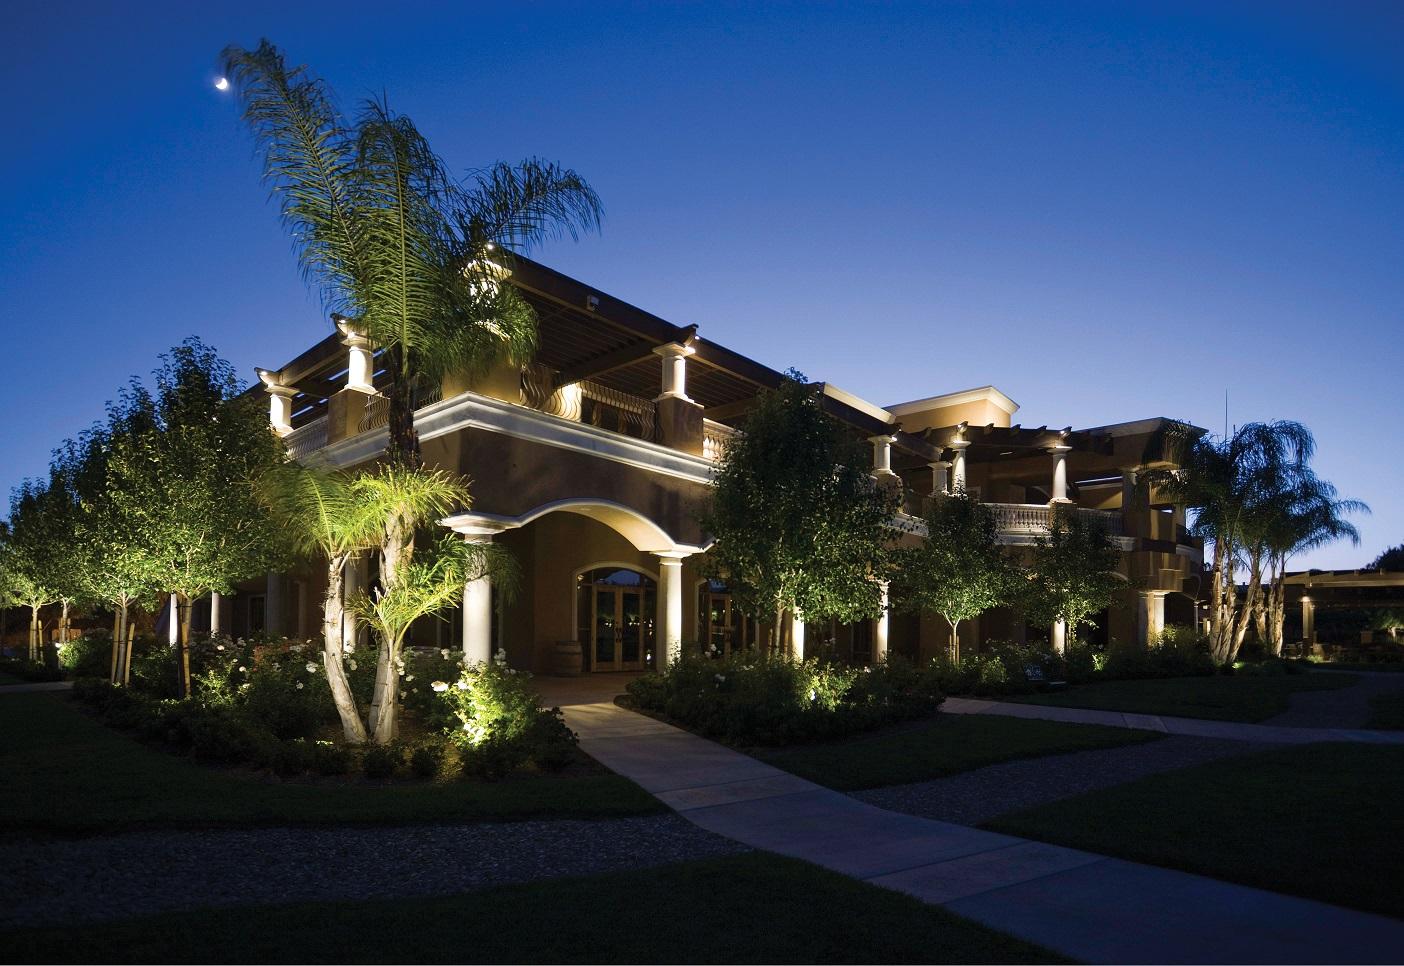 LED landscaping lighting